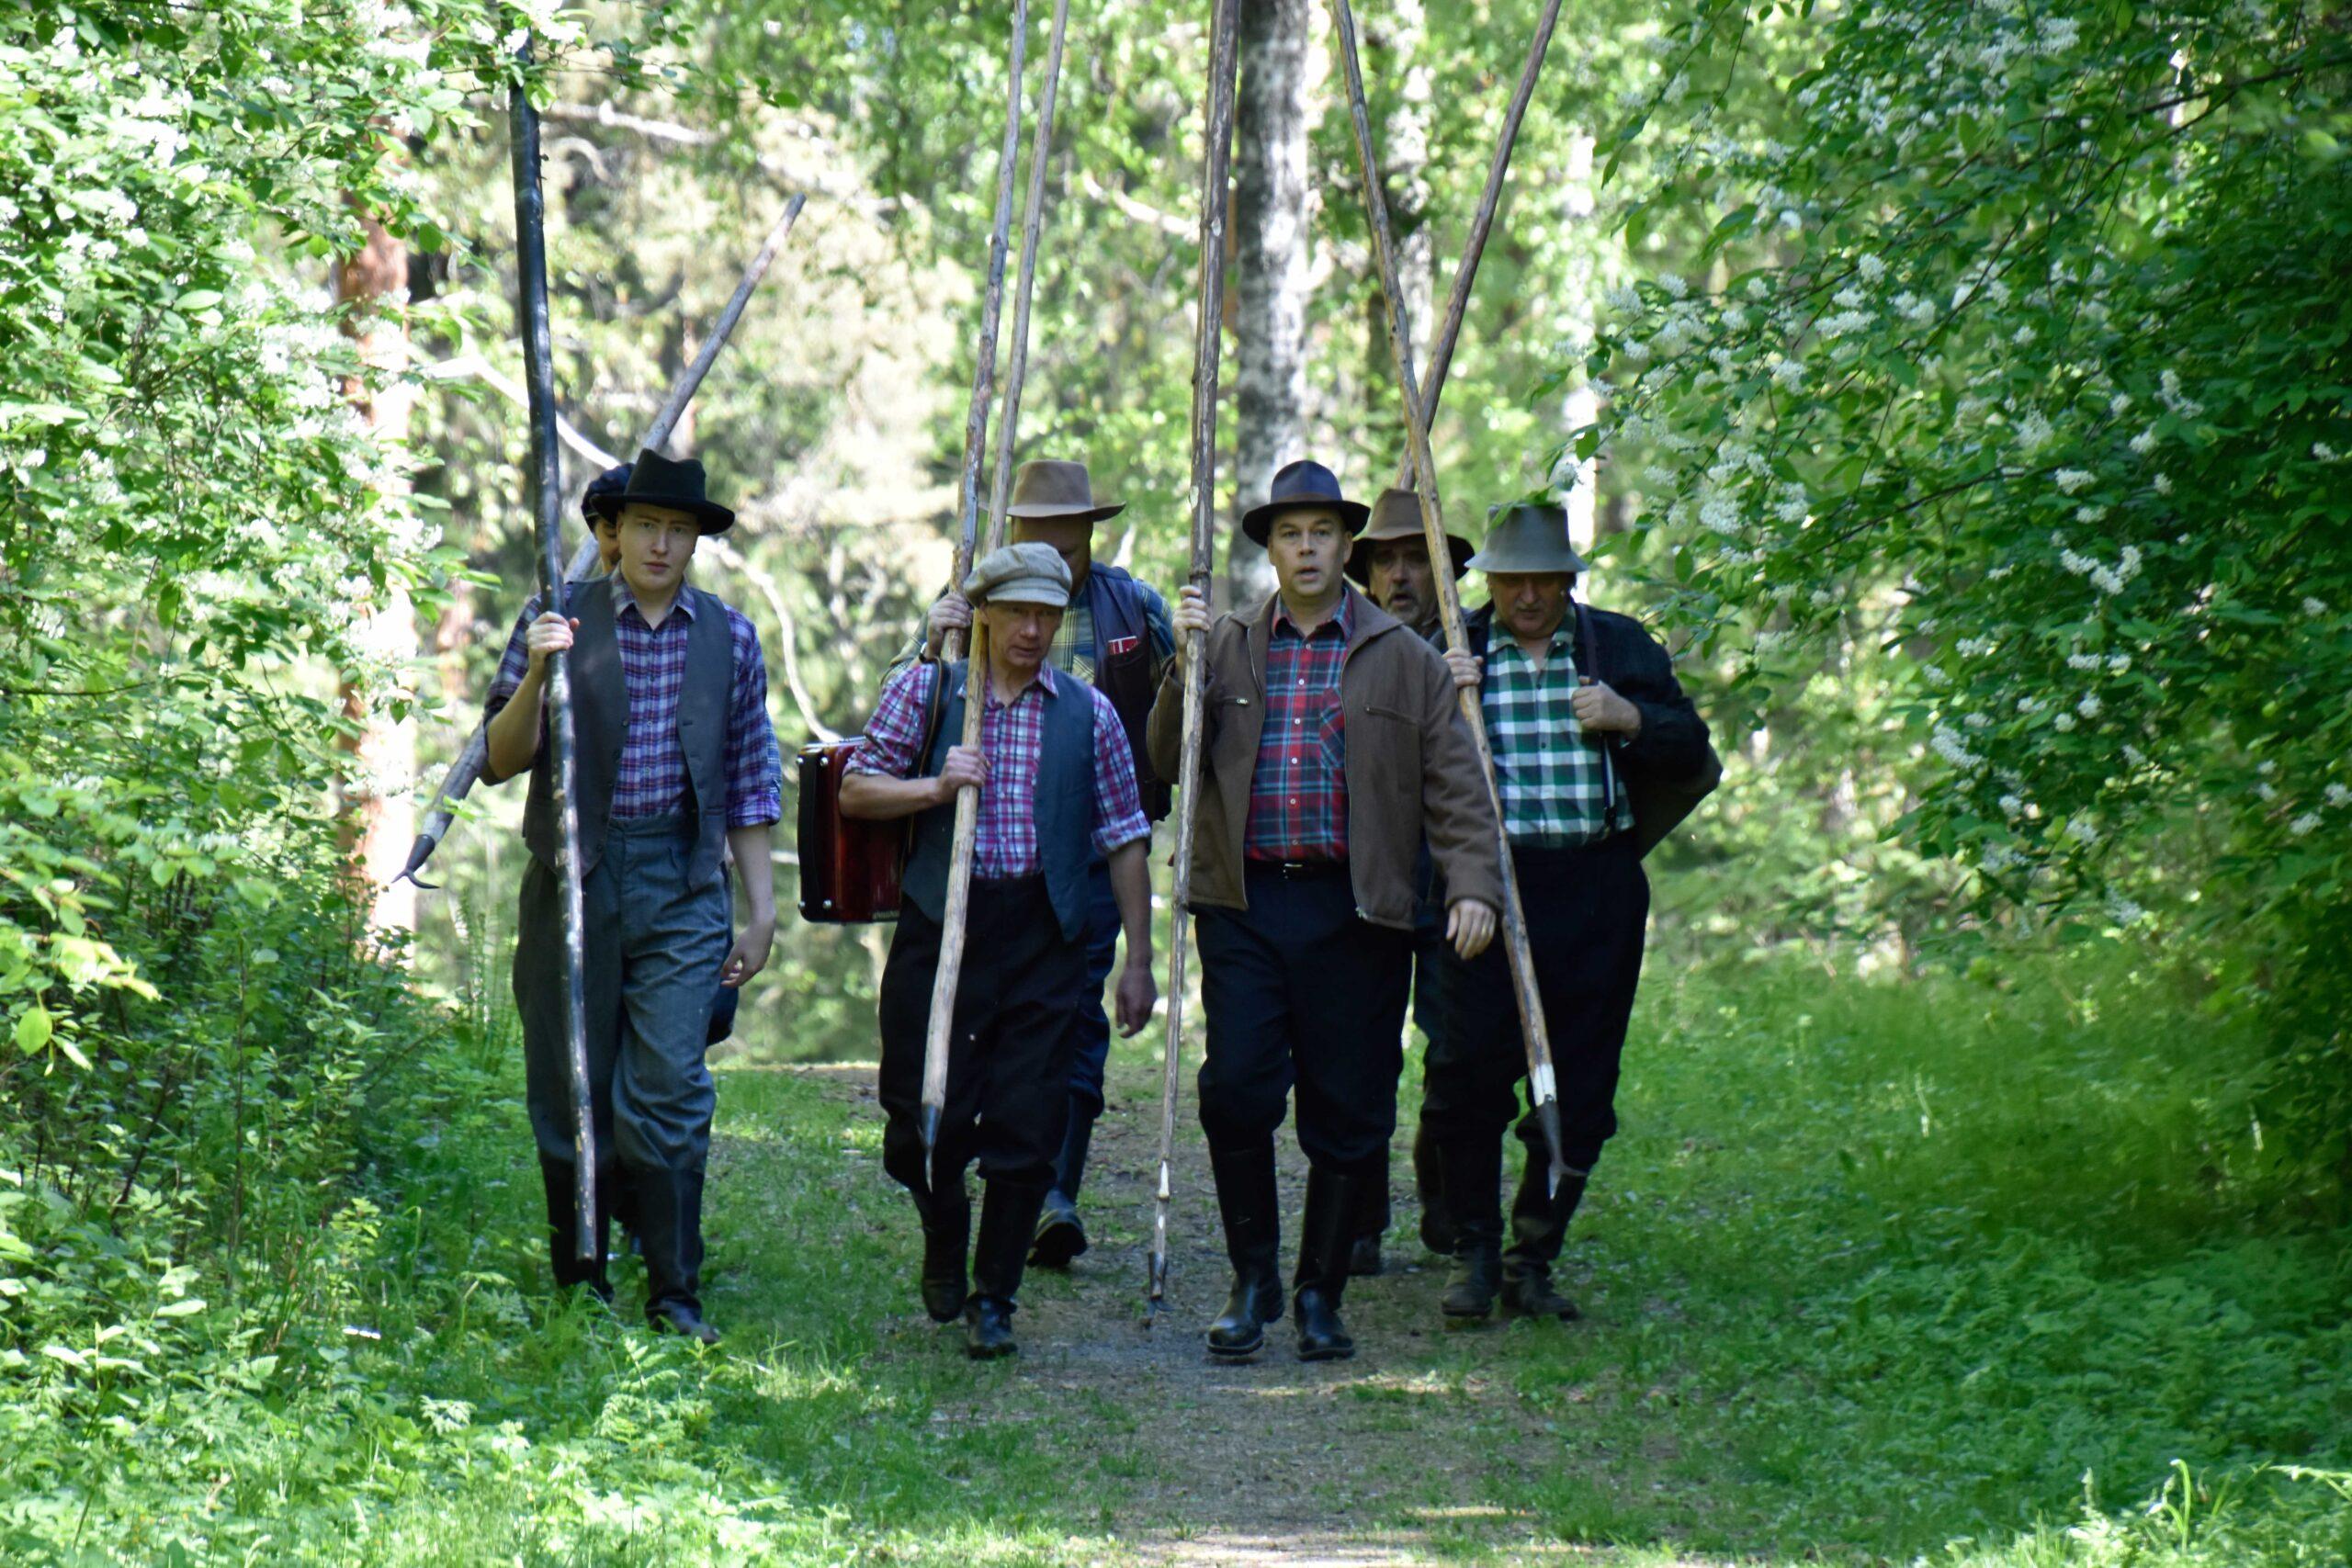 Kuuden miehen tukkilaisjoukko kävelemässä metsän siimeksessä.